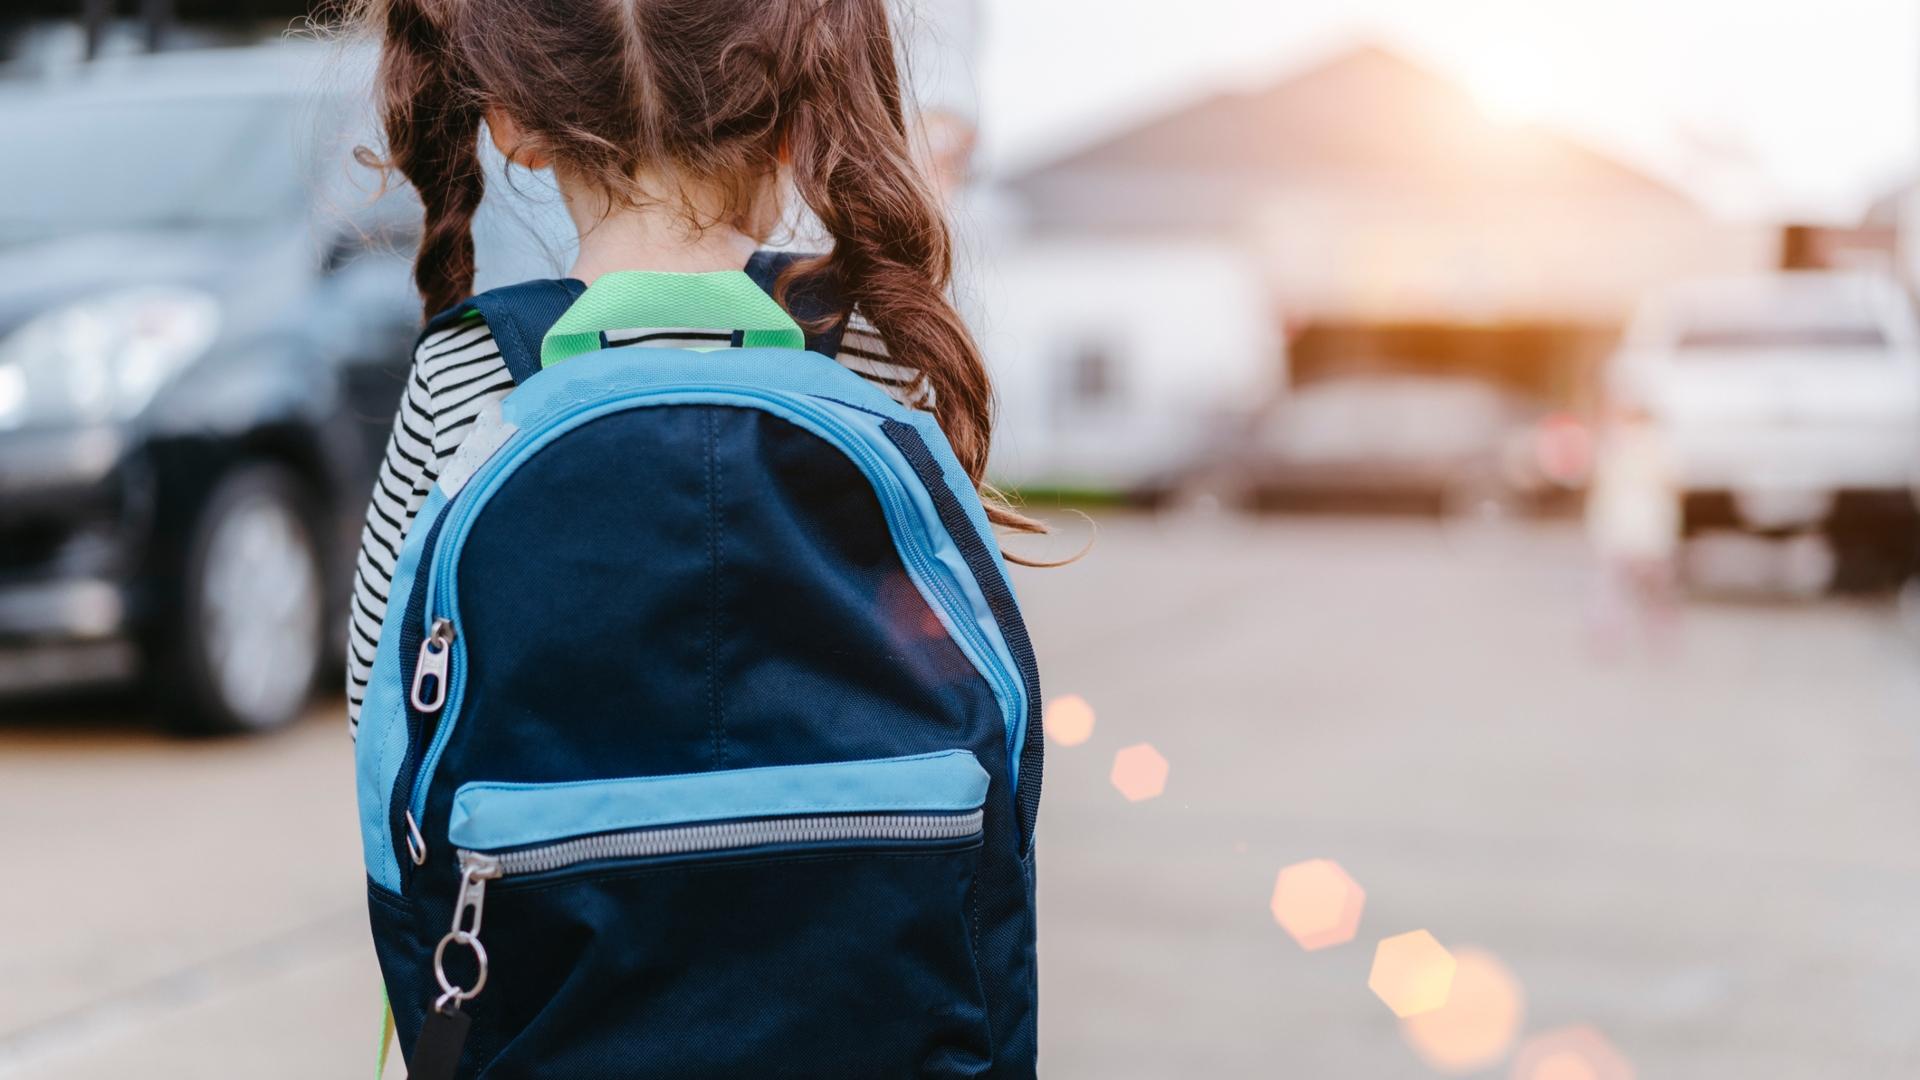 Mikortól engednéd el önállóan iskolába a gyereket?